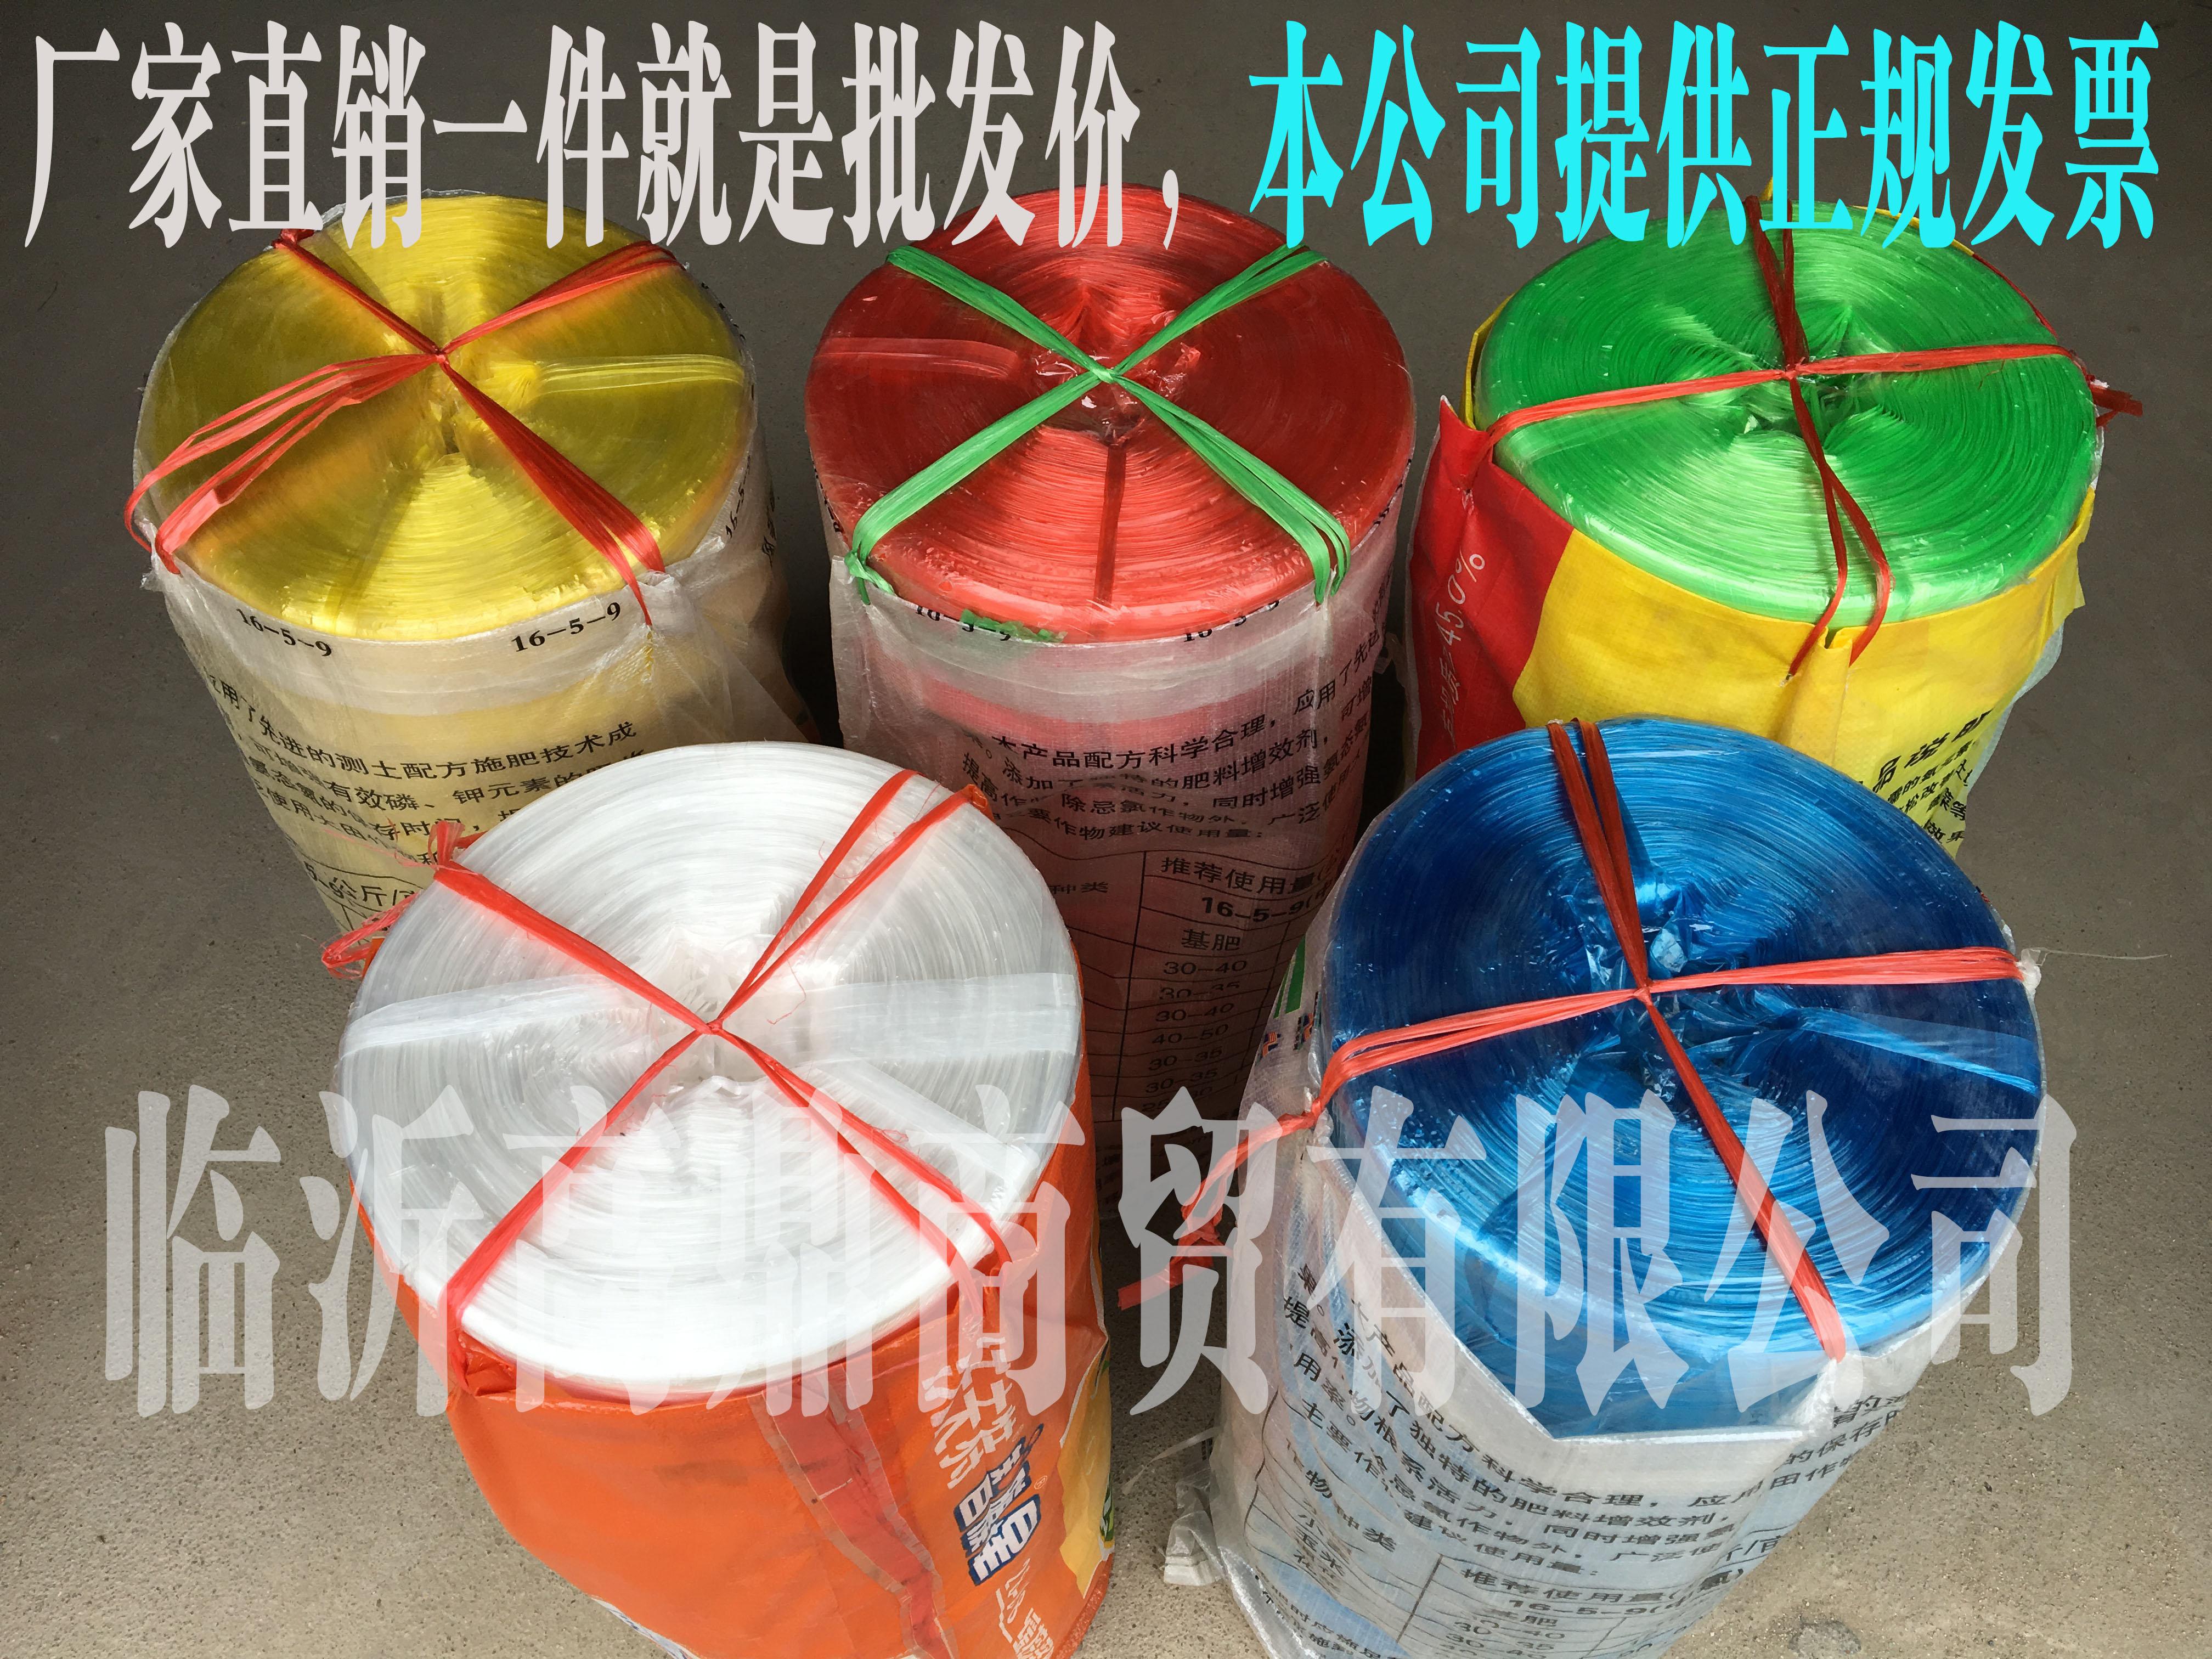 Завод доставка полностью включена новый материал пакет наконечник веревка пластик пакет веревка обязательный веревка цвет ручной пакет веревка модель 50 цзин, единица измерения веса